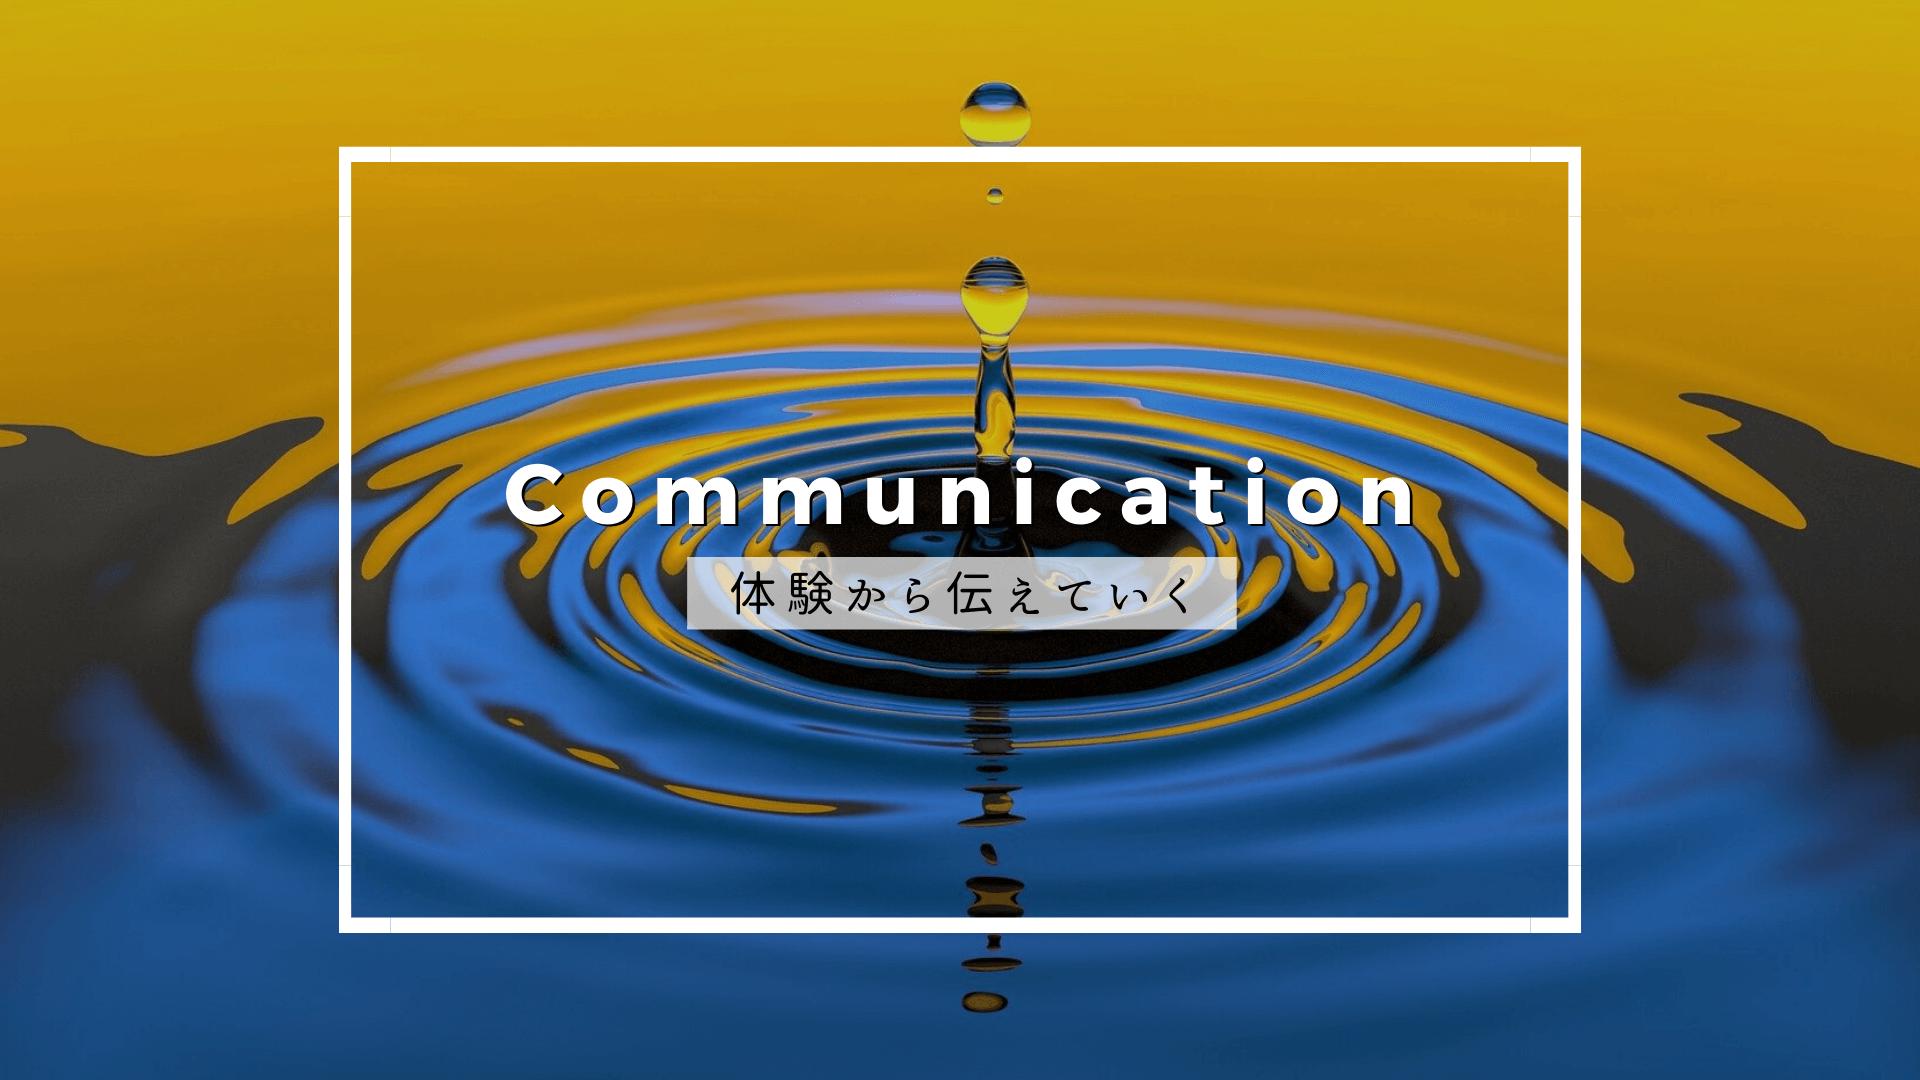 Communication 体験から伝えていく